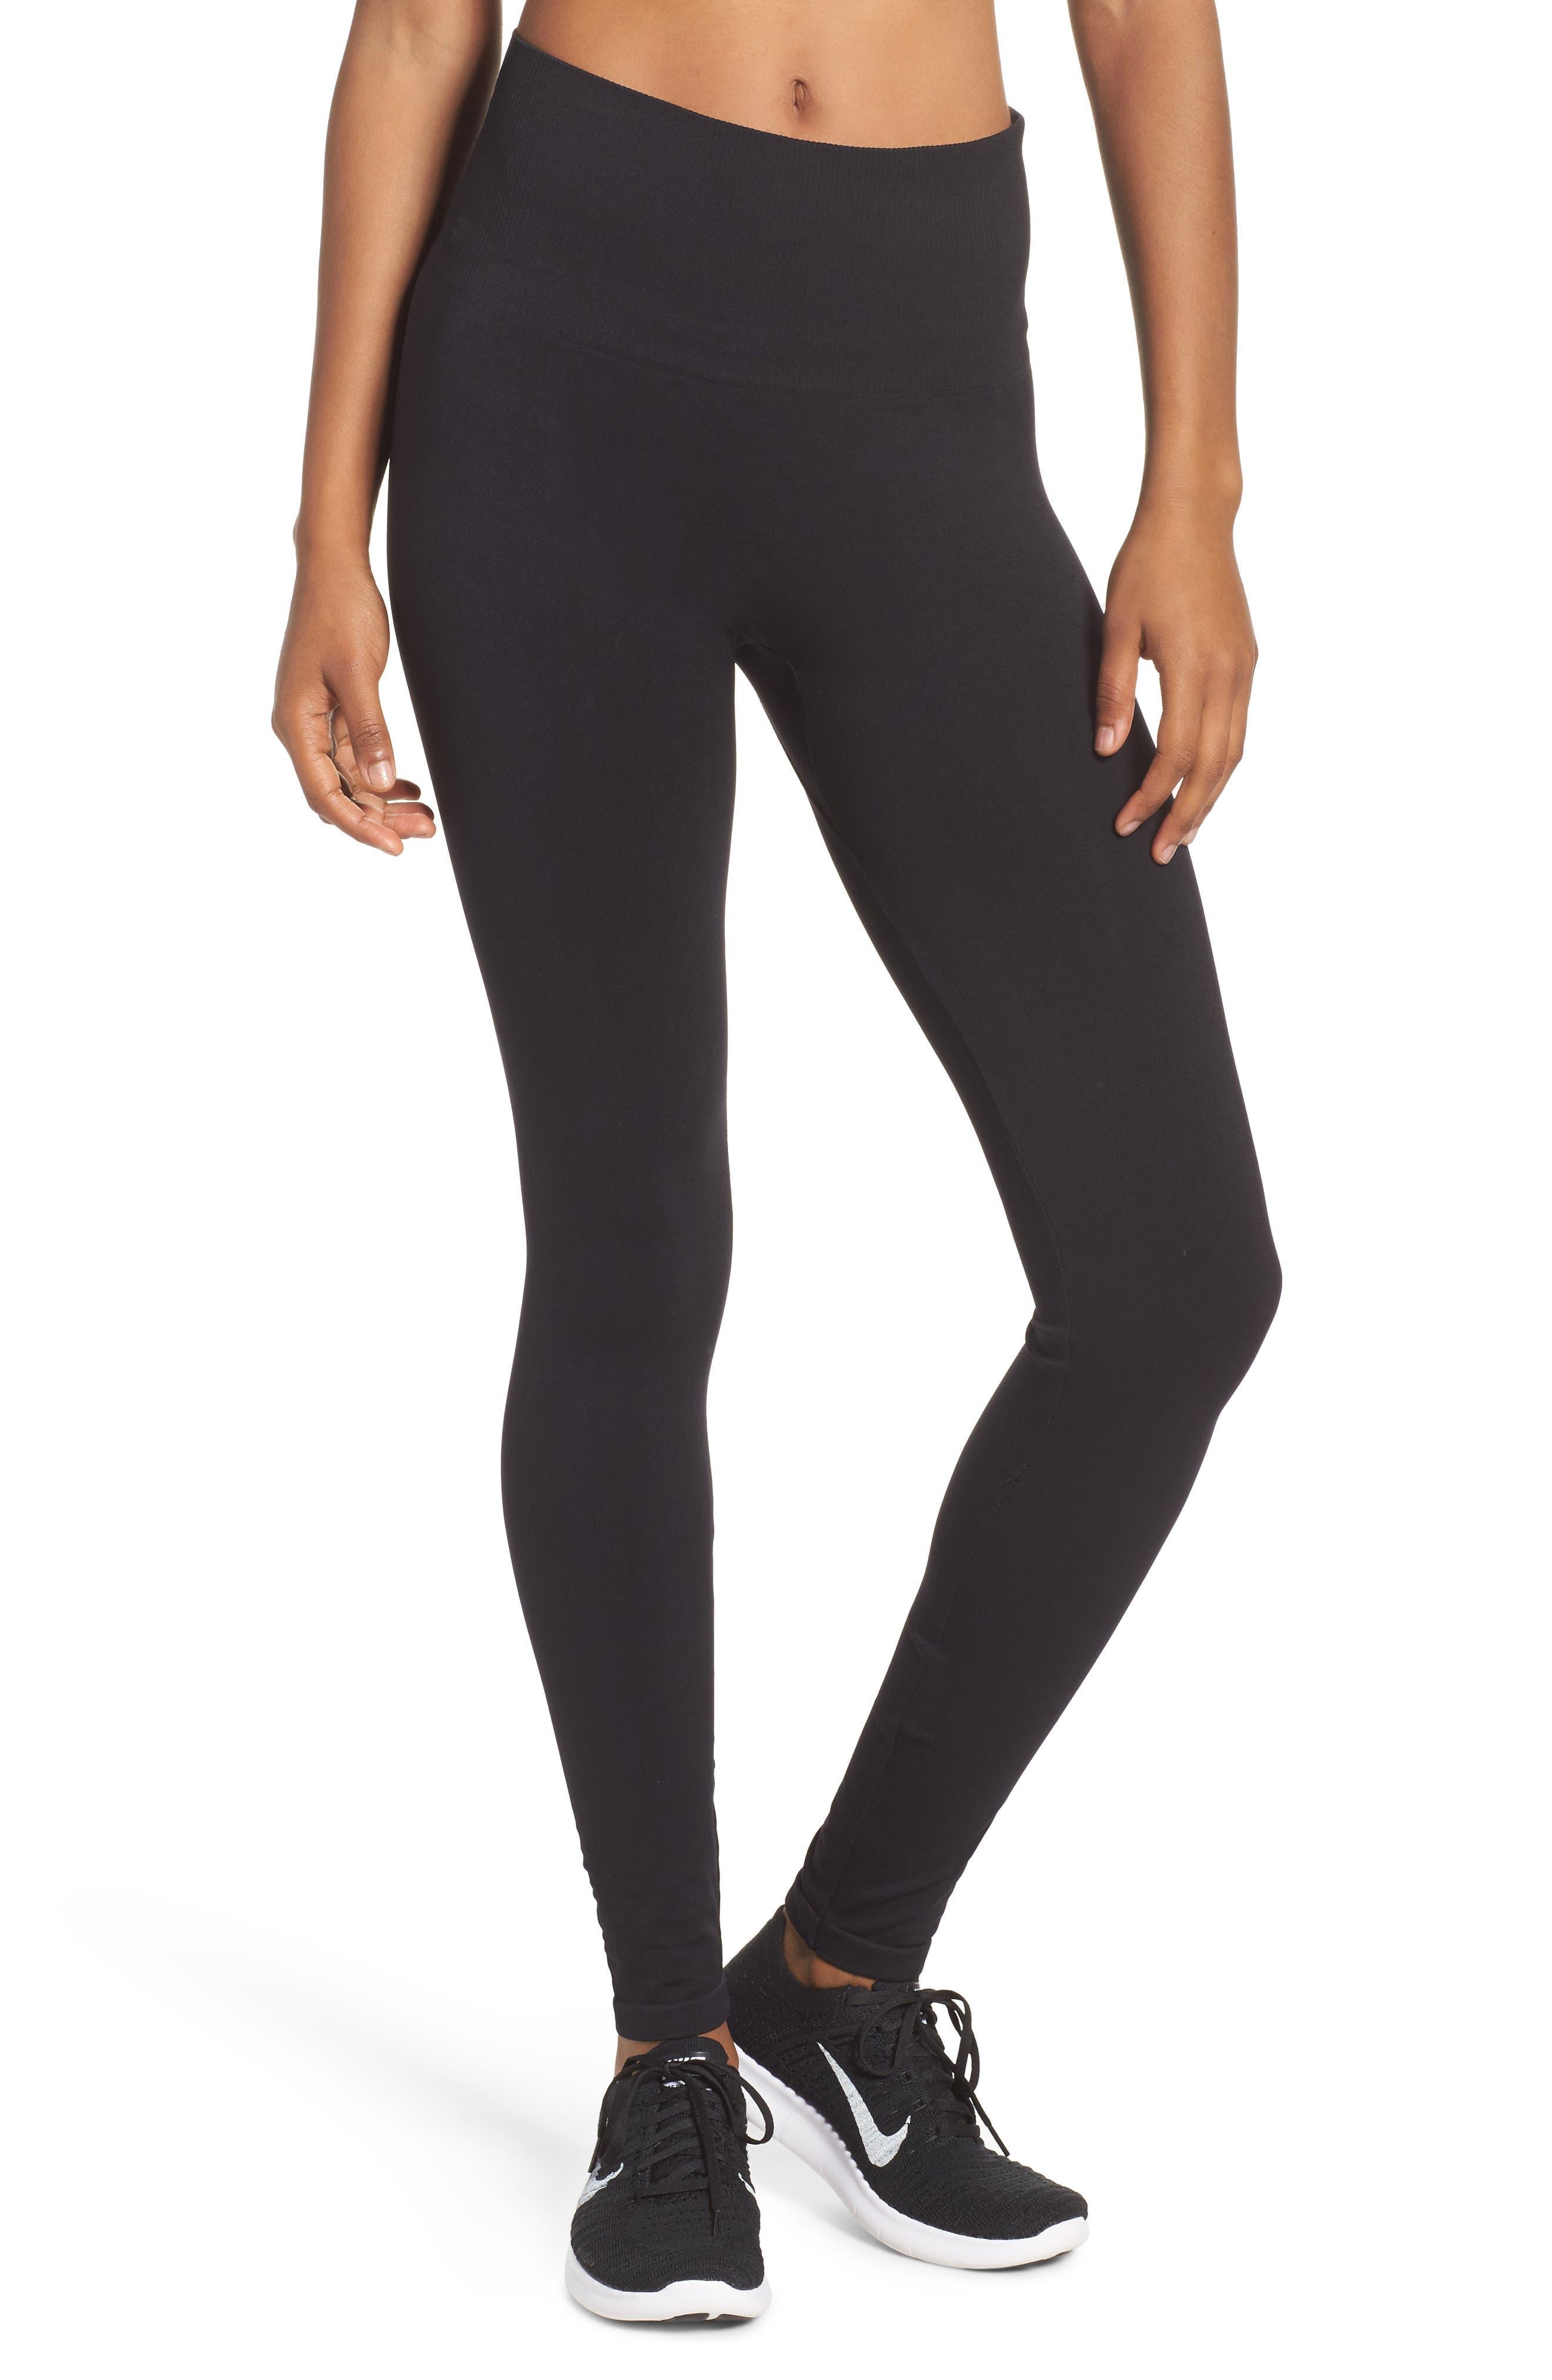 Staple High Waist Leggings,                         Main,                         color, Black